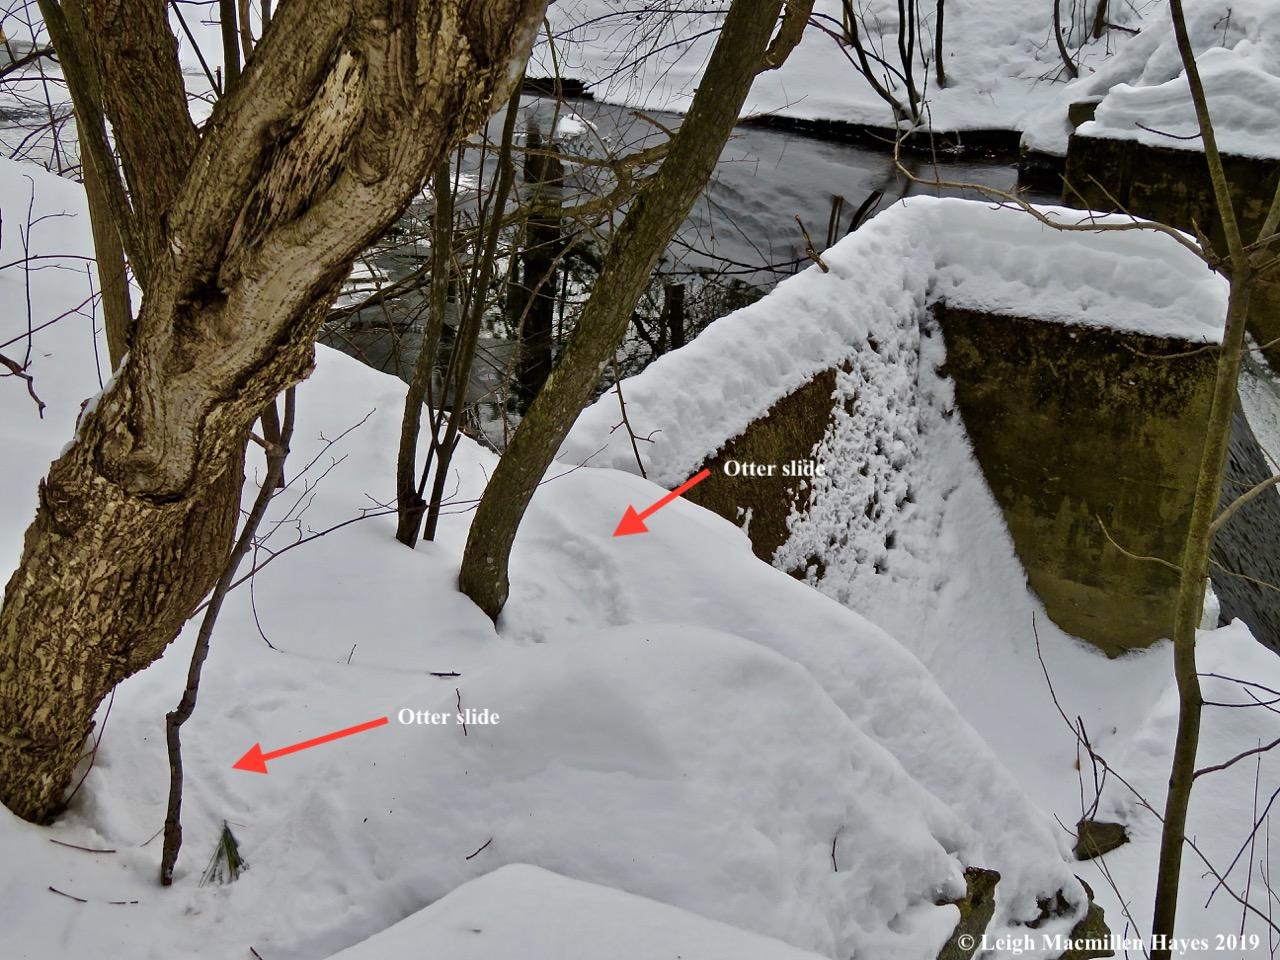 3-otter-slide-from-above.jpg